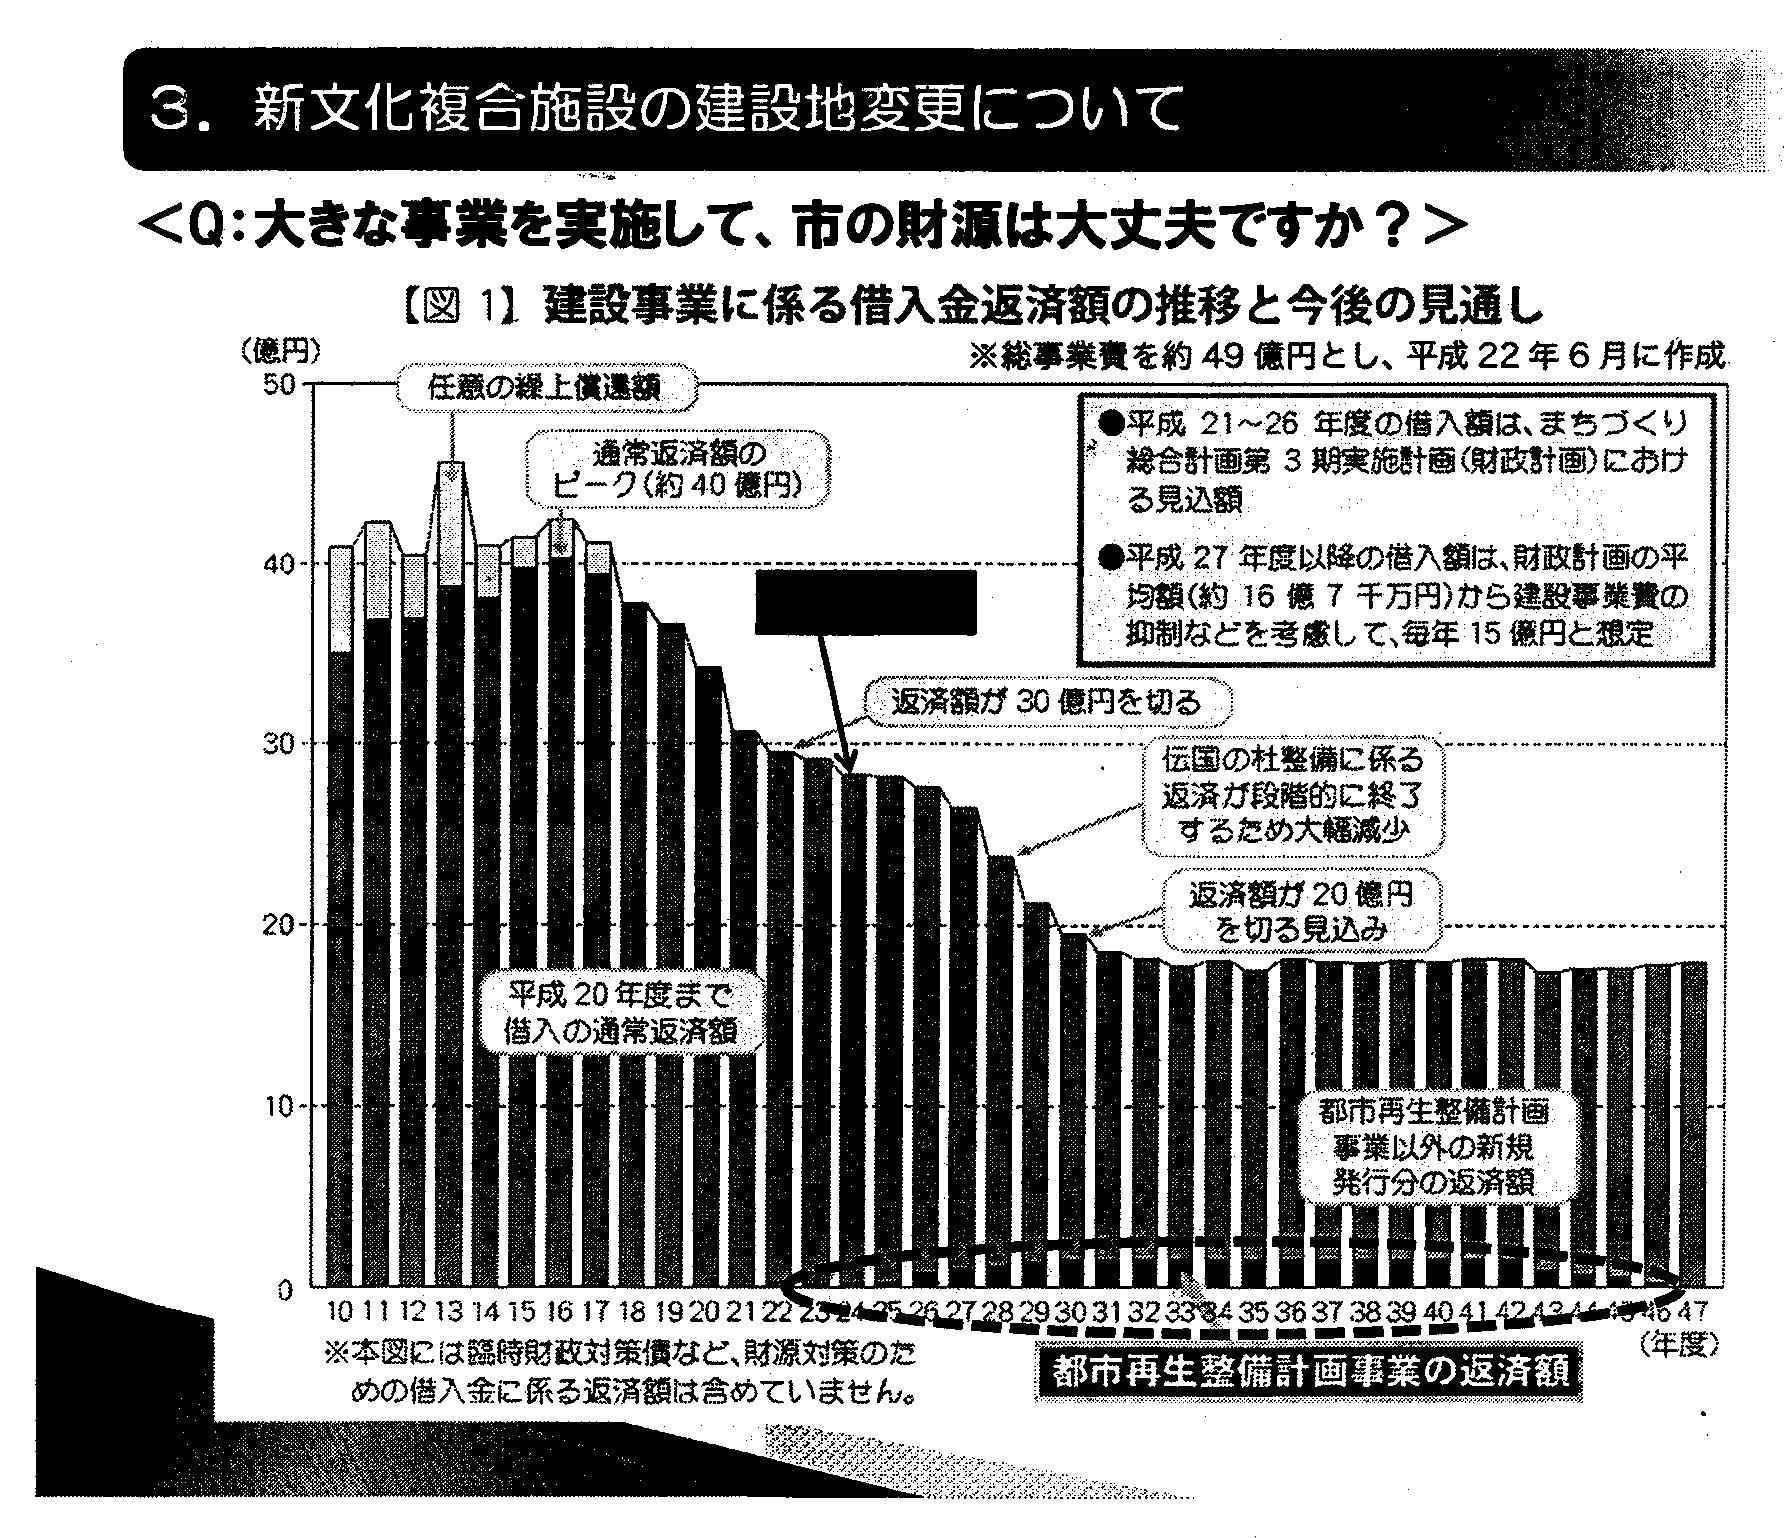 建設債グラフ